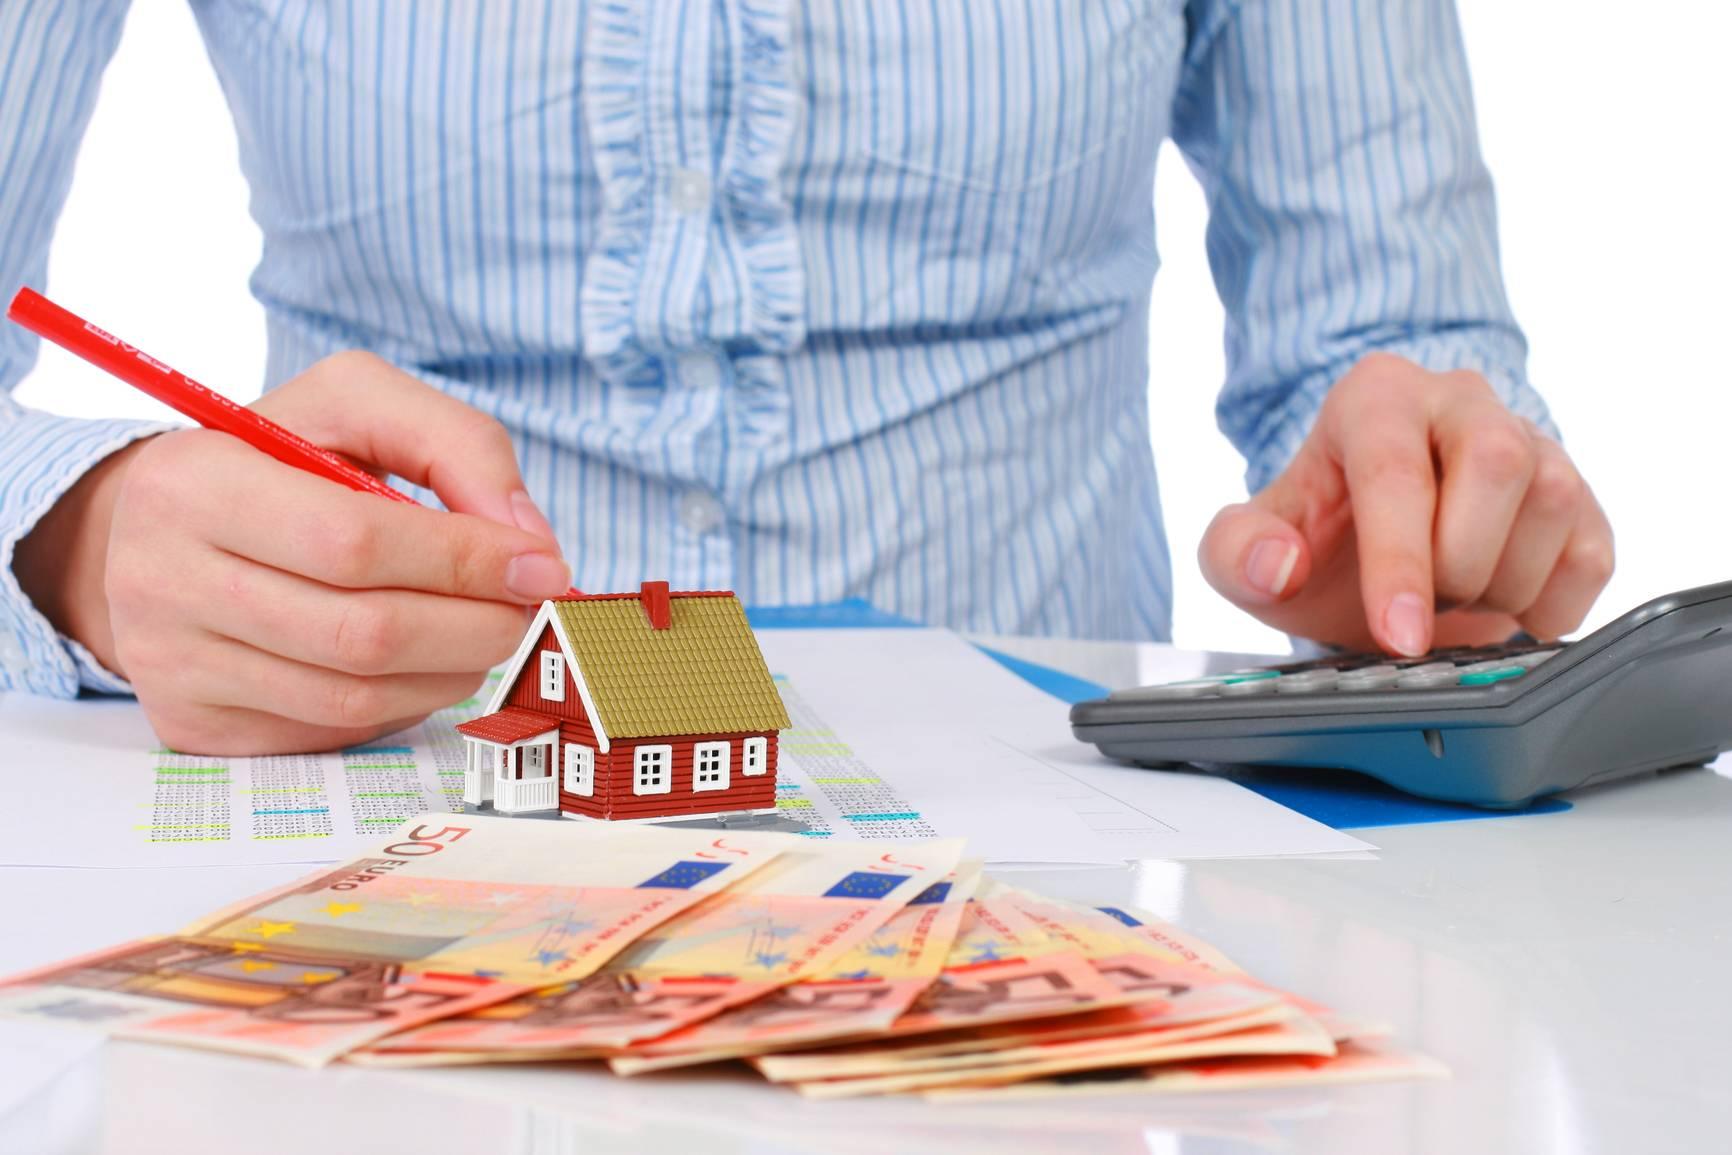 Ипотека в испании для россиян в 2021 году: условия и проценты